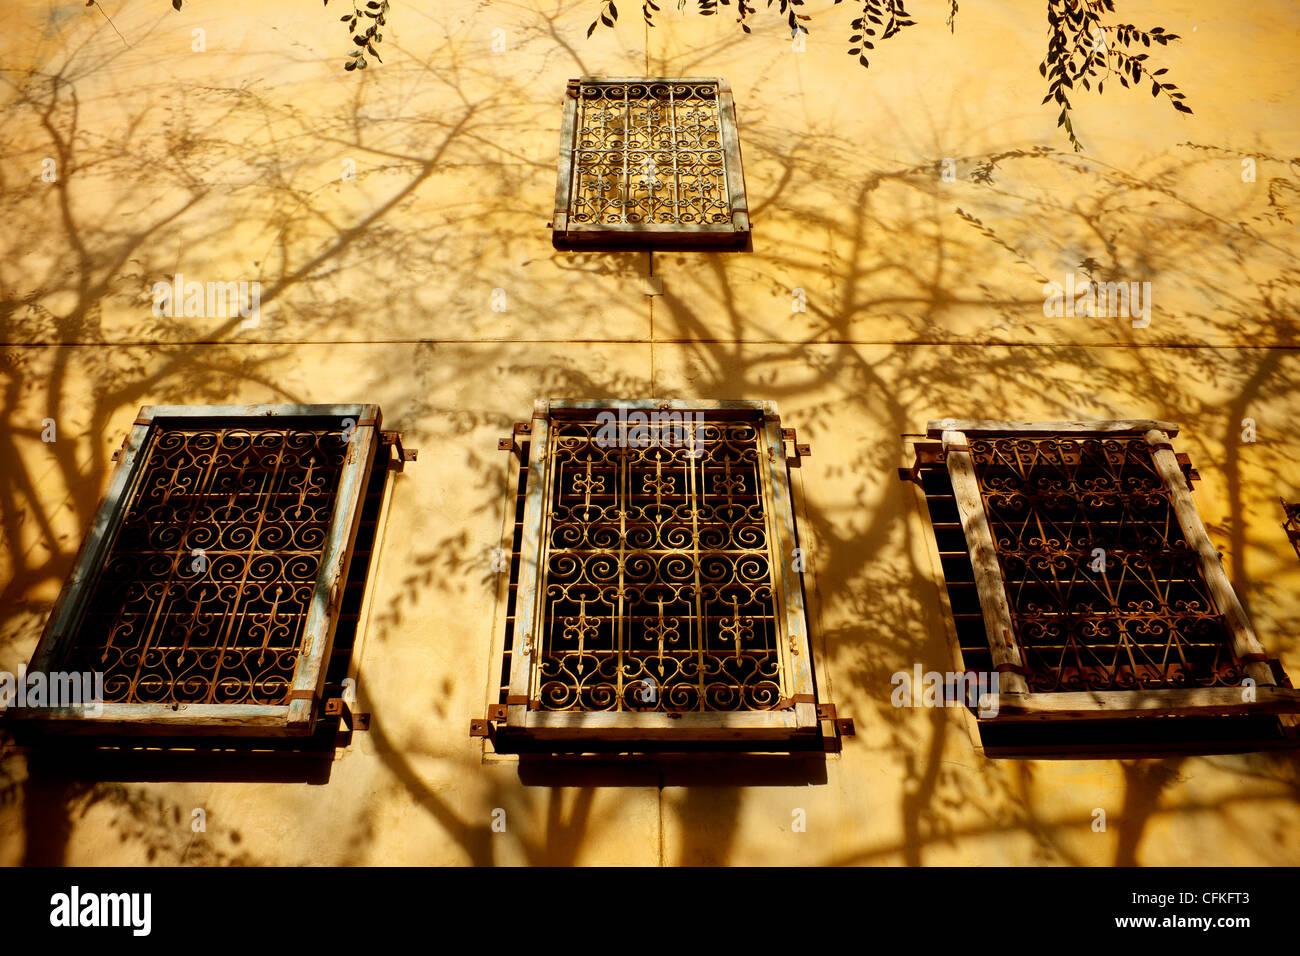 Letti In Ferro Vintage : Parete vintage con quattro letti in ferro battuto con windows e